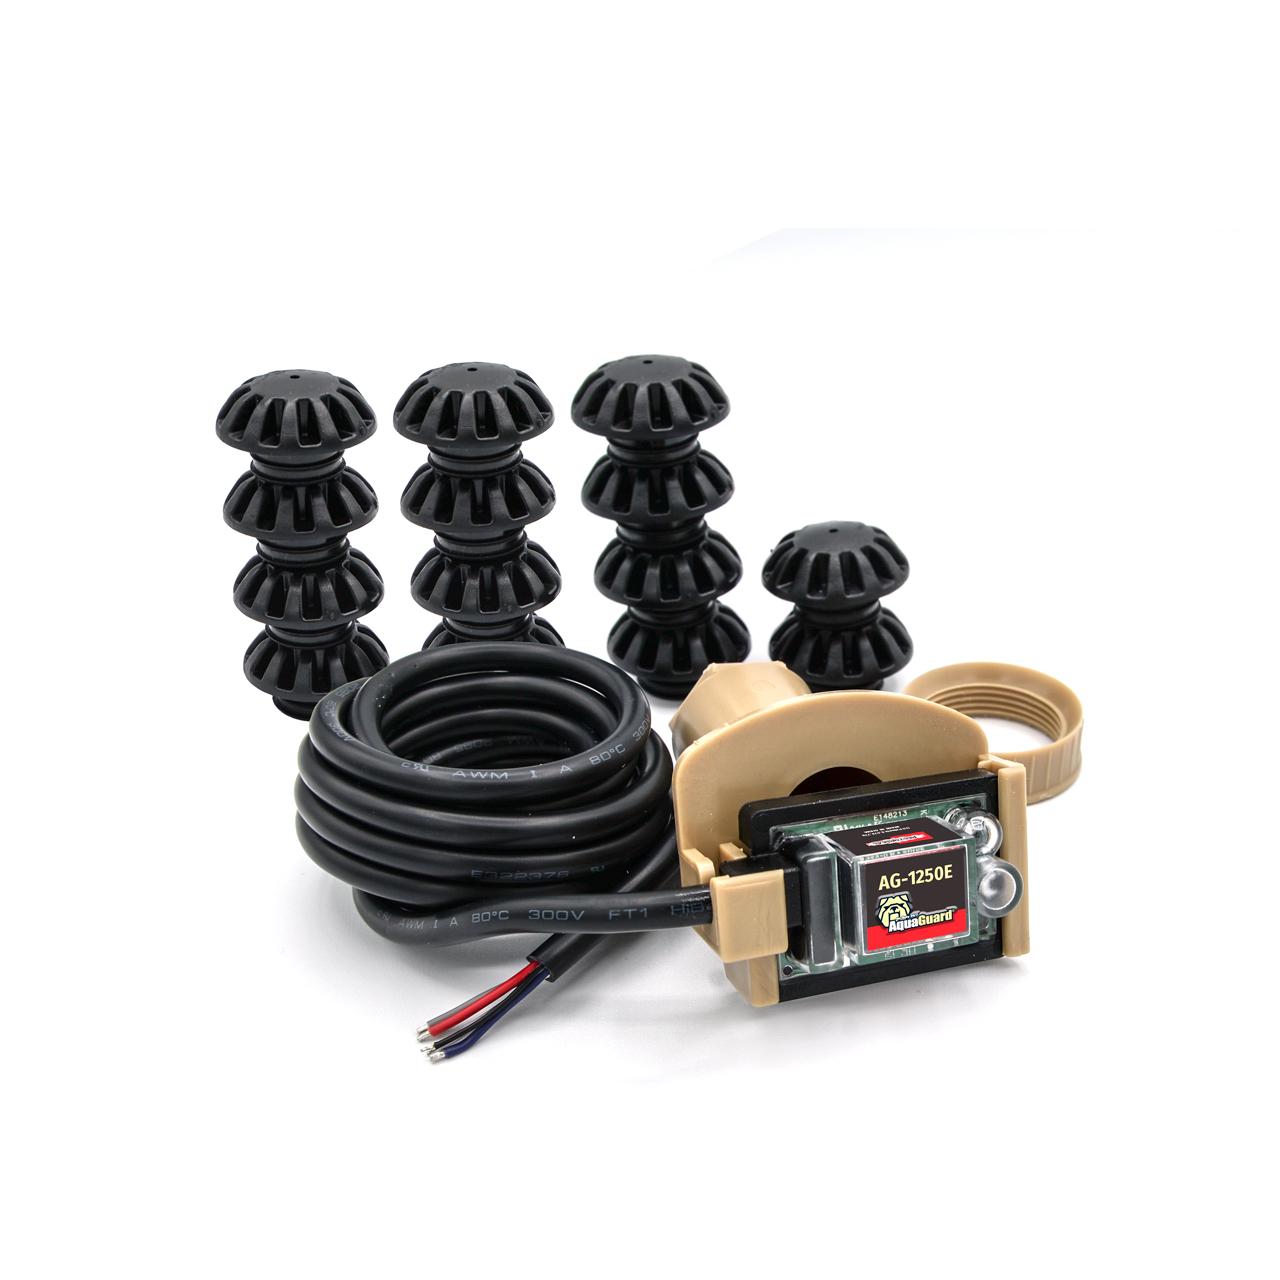 AG 4200E Sensor